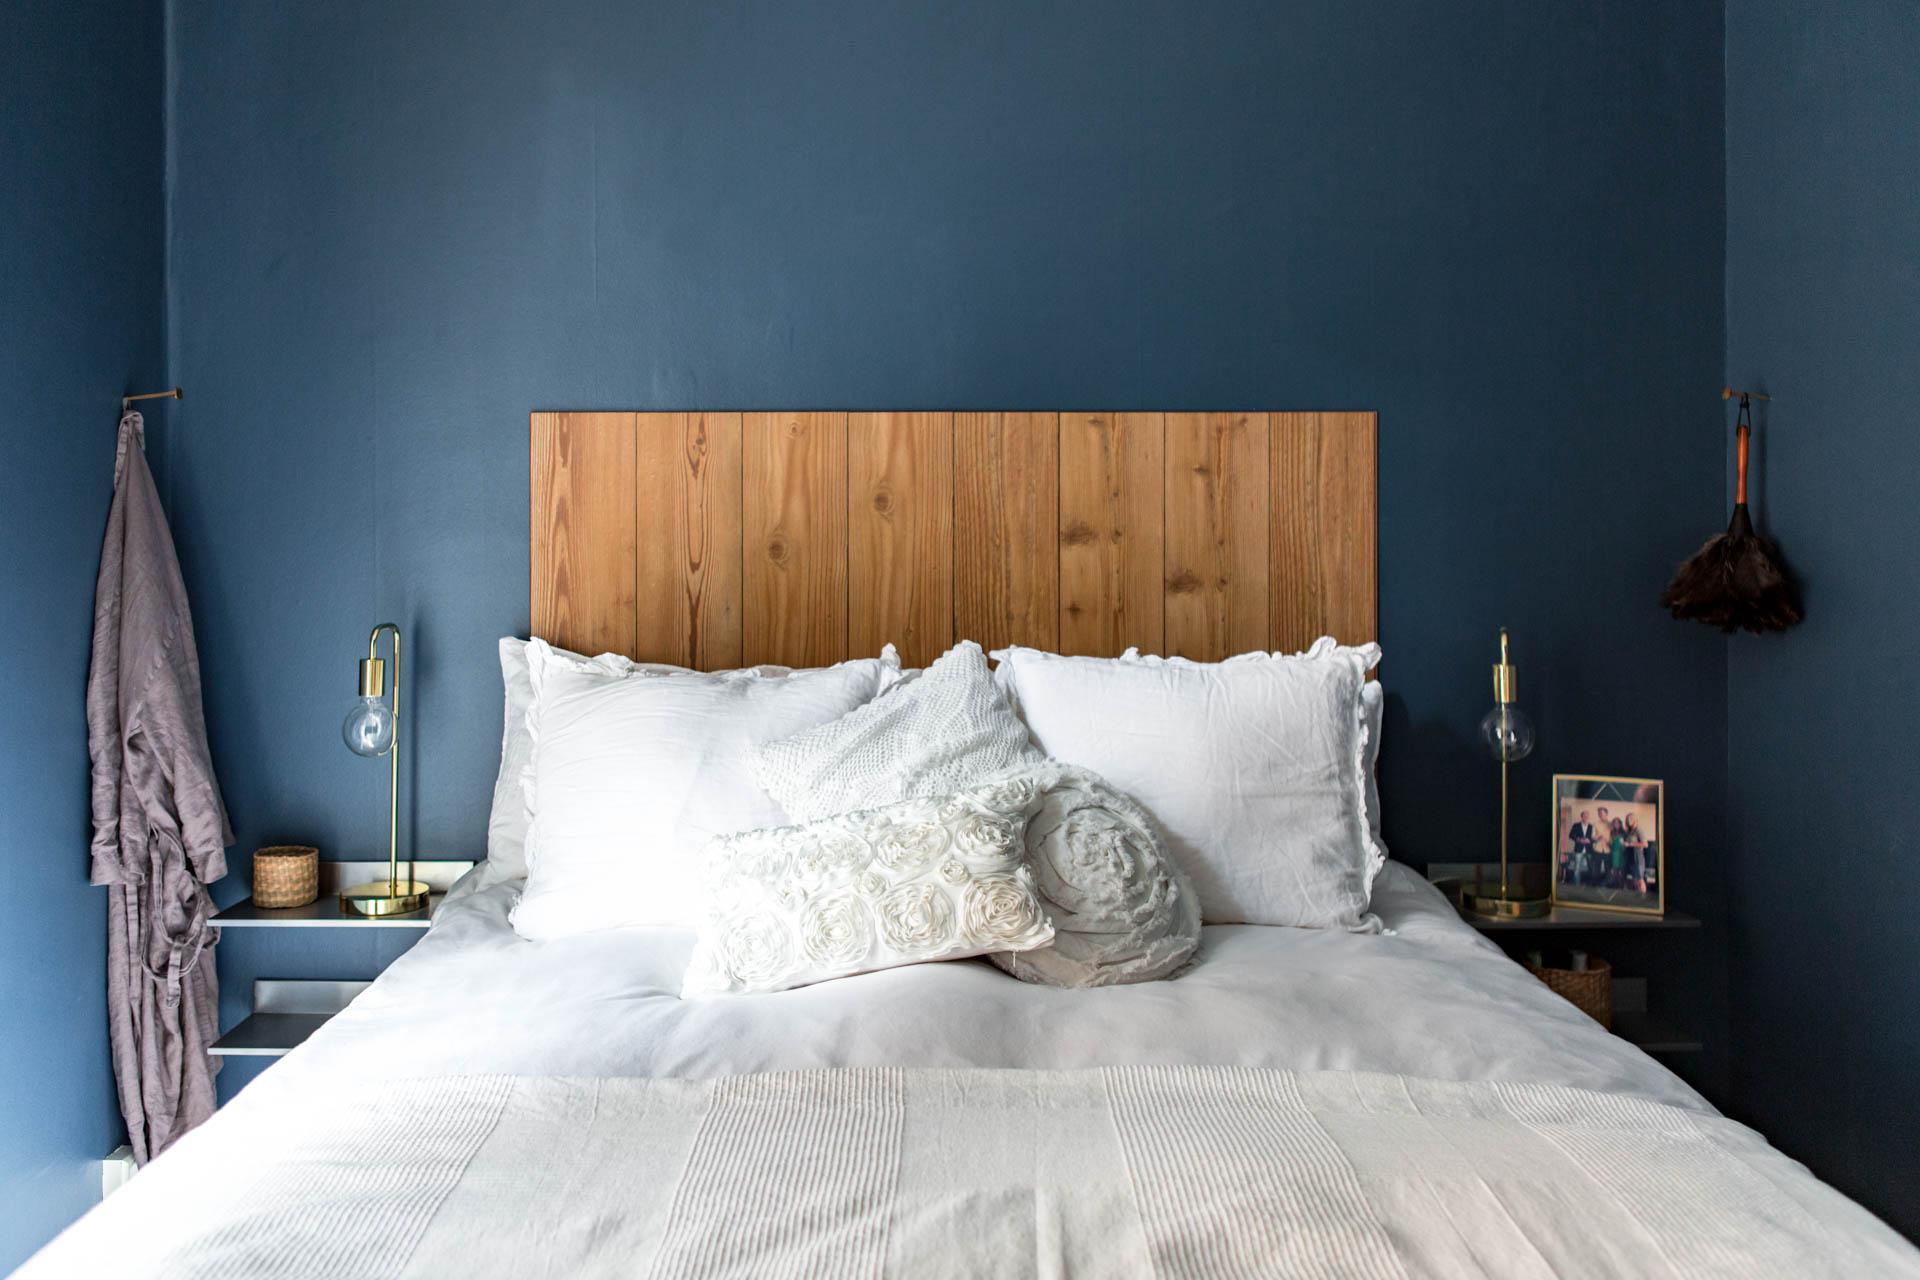 De muren in deze slaapkamer zijn blauw geschilderd! | Slaapkamer ideeën